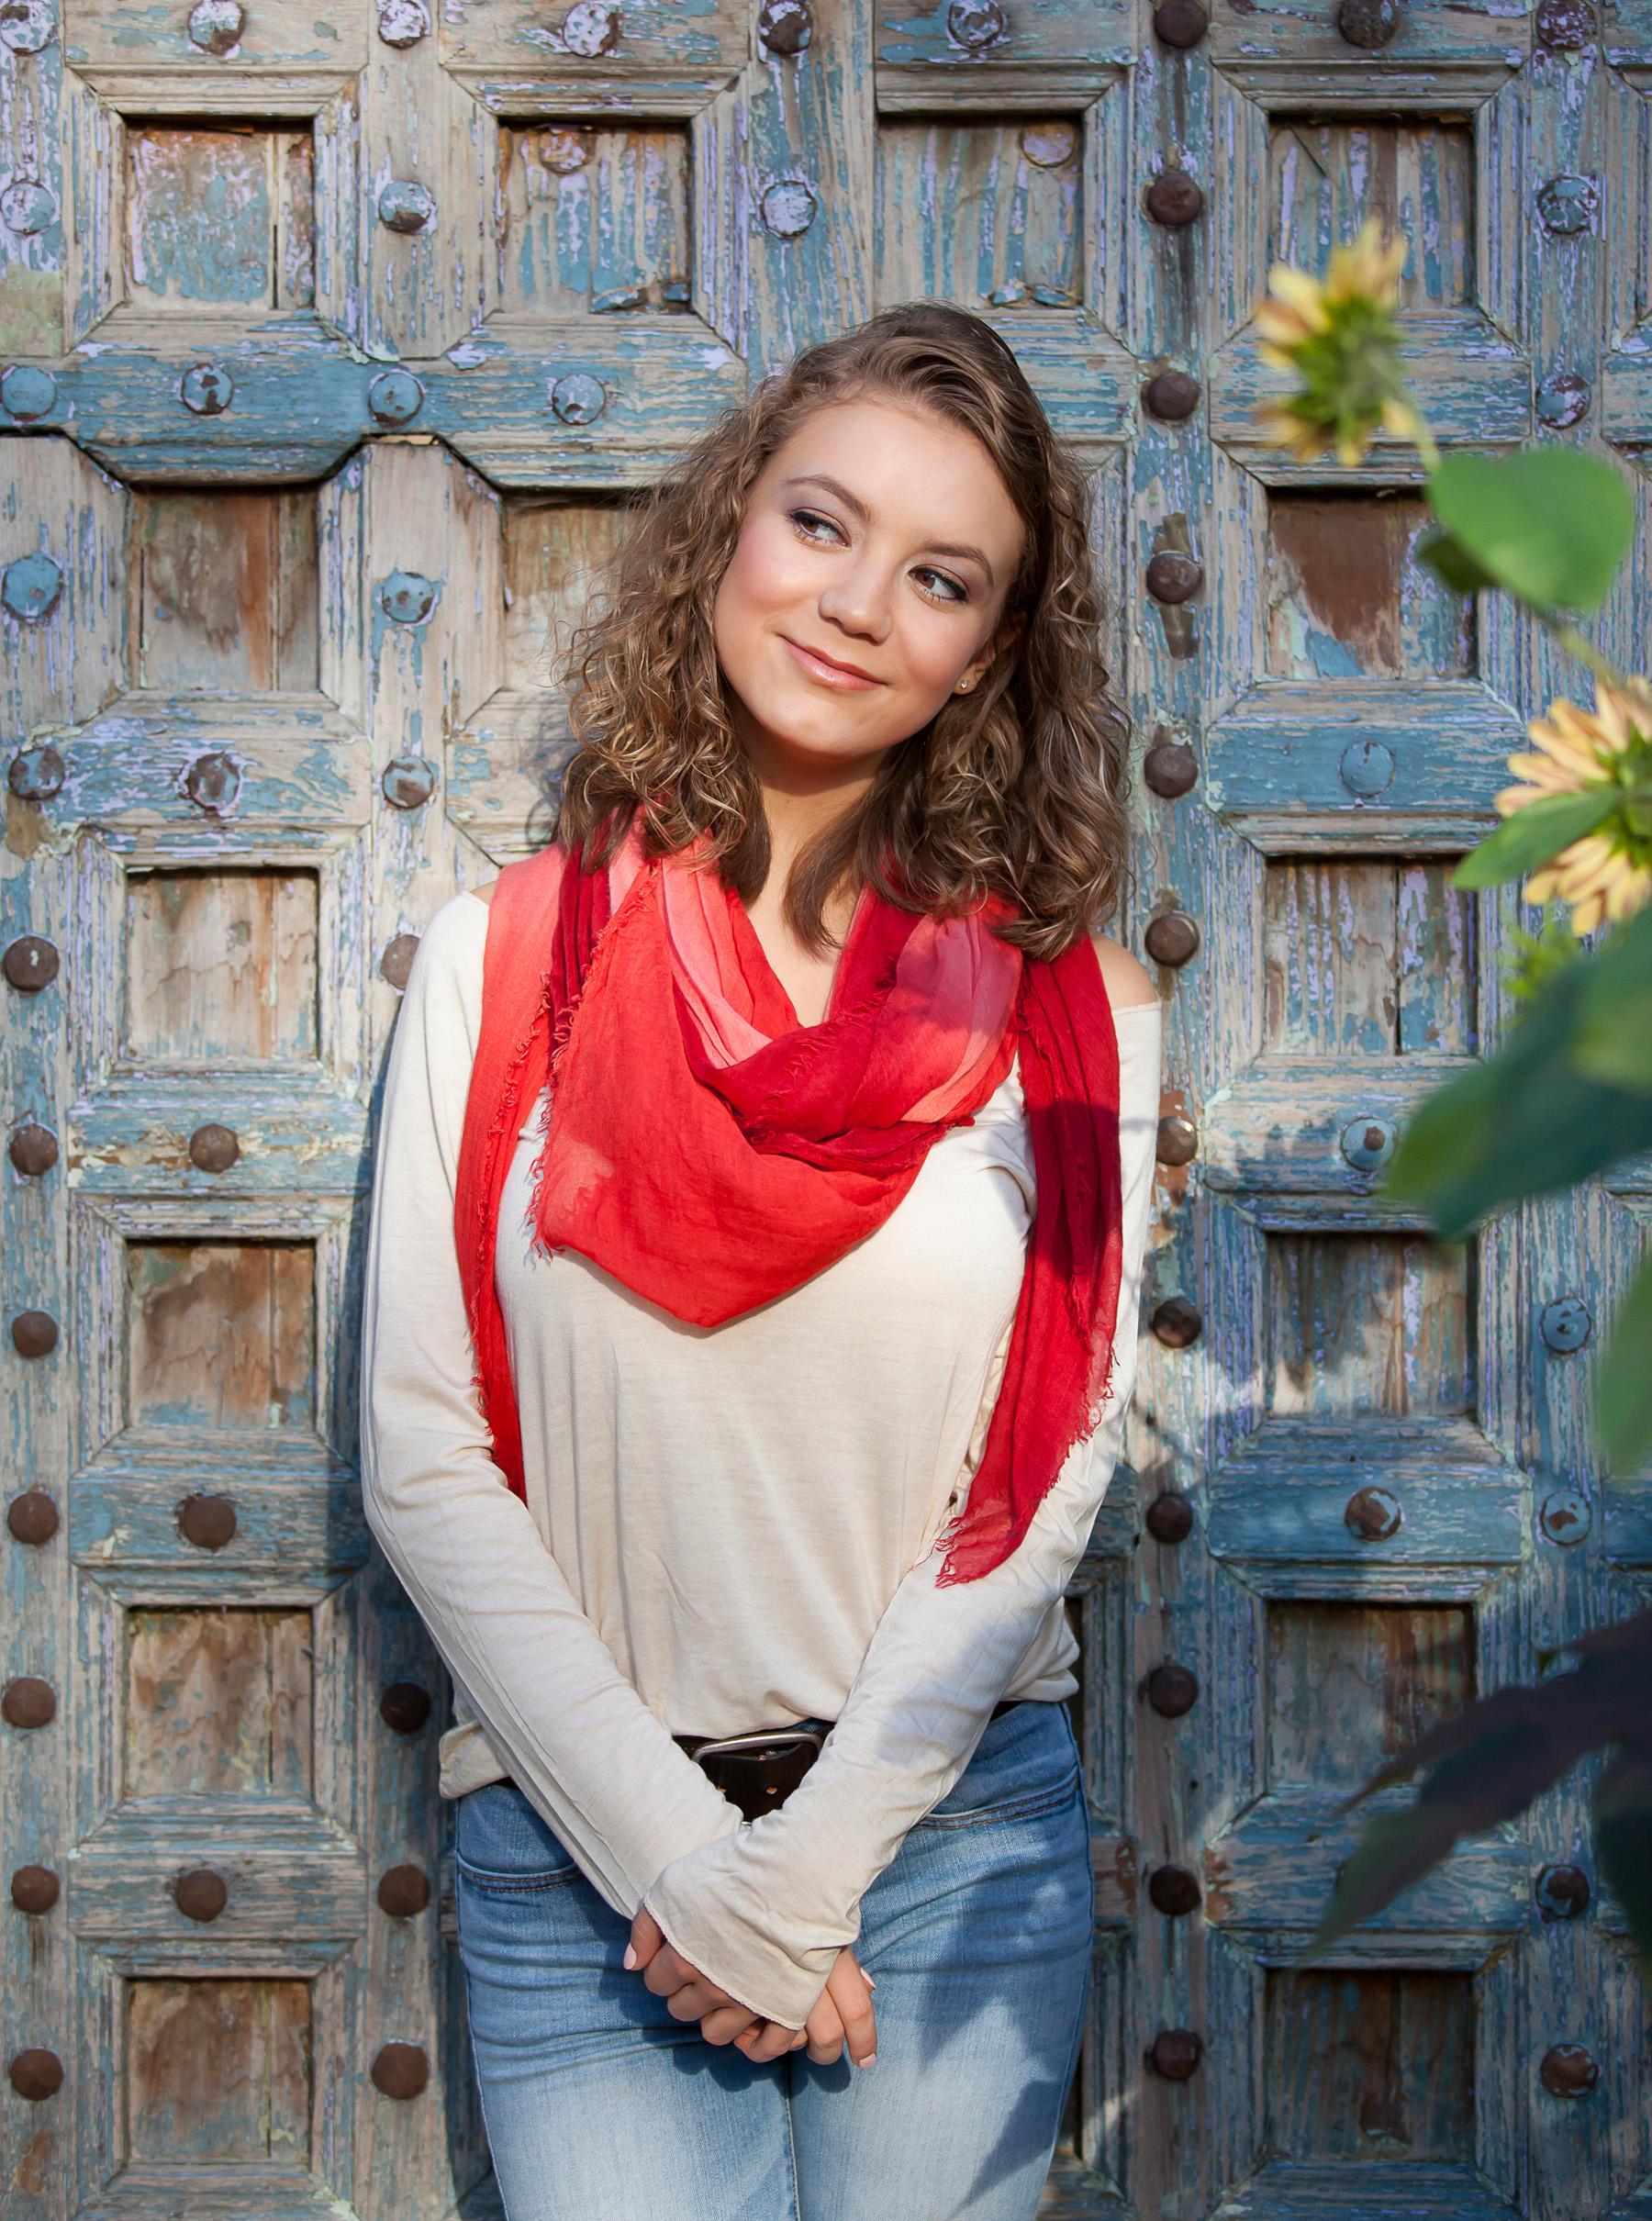 denver-high-school-senior-pictures.jpg